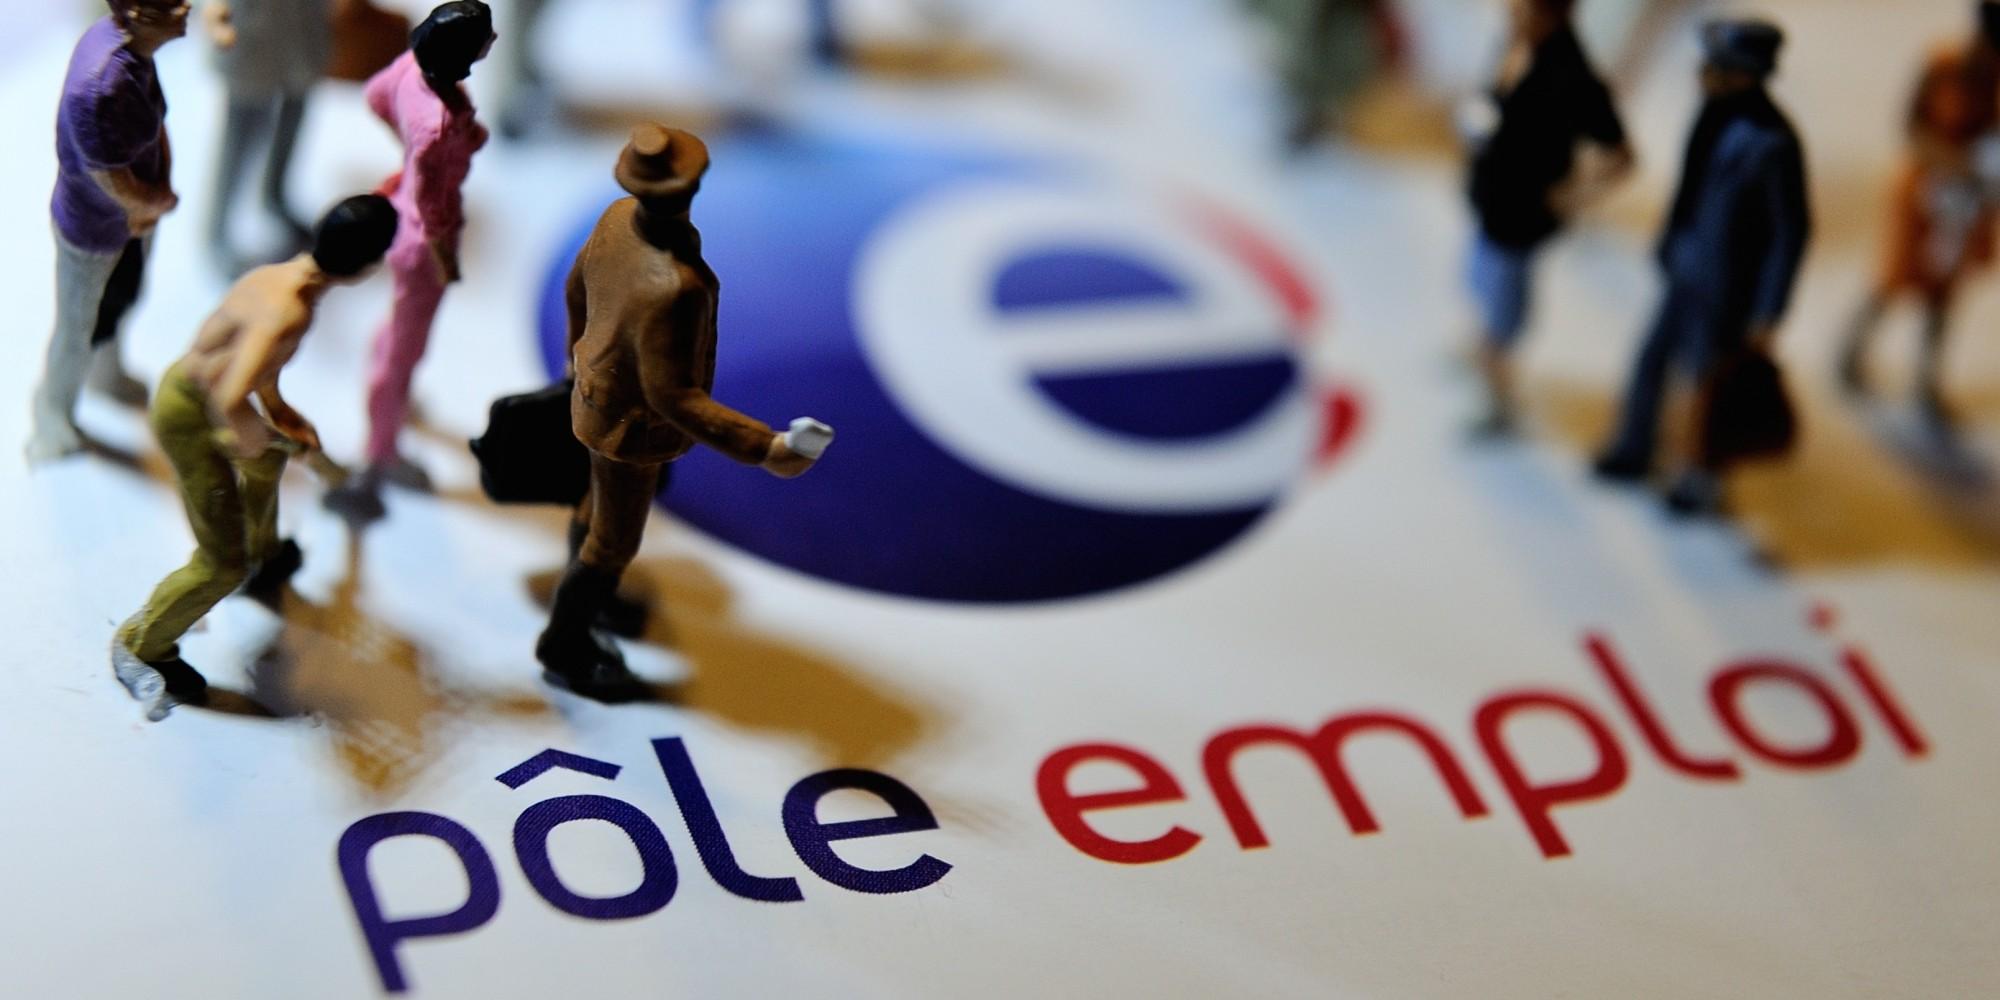 عدد العاطلين في فرنسا يرتفع إلى مستوى قياسي جديد فوق 3.5 مليون